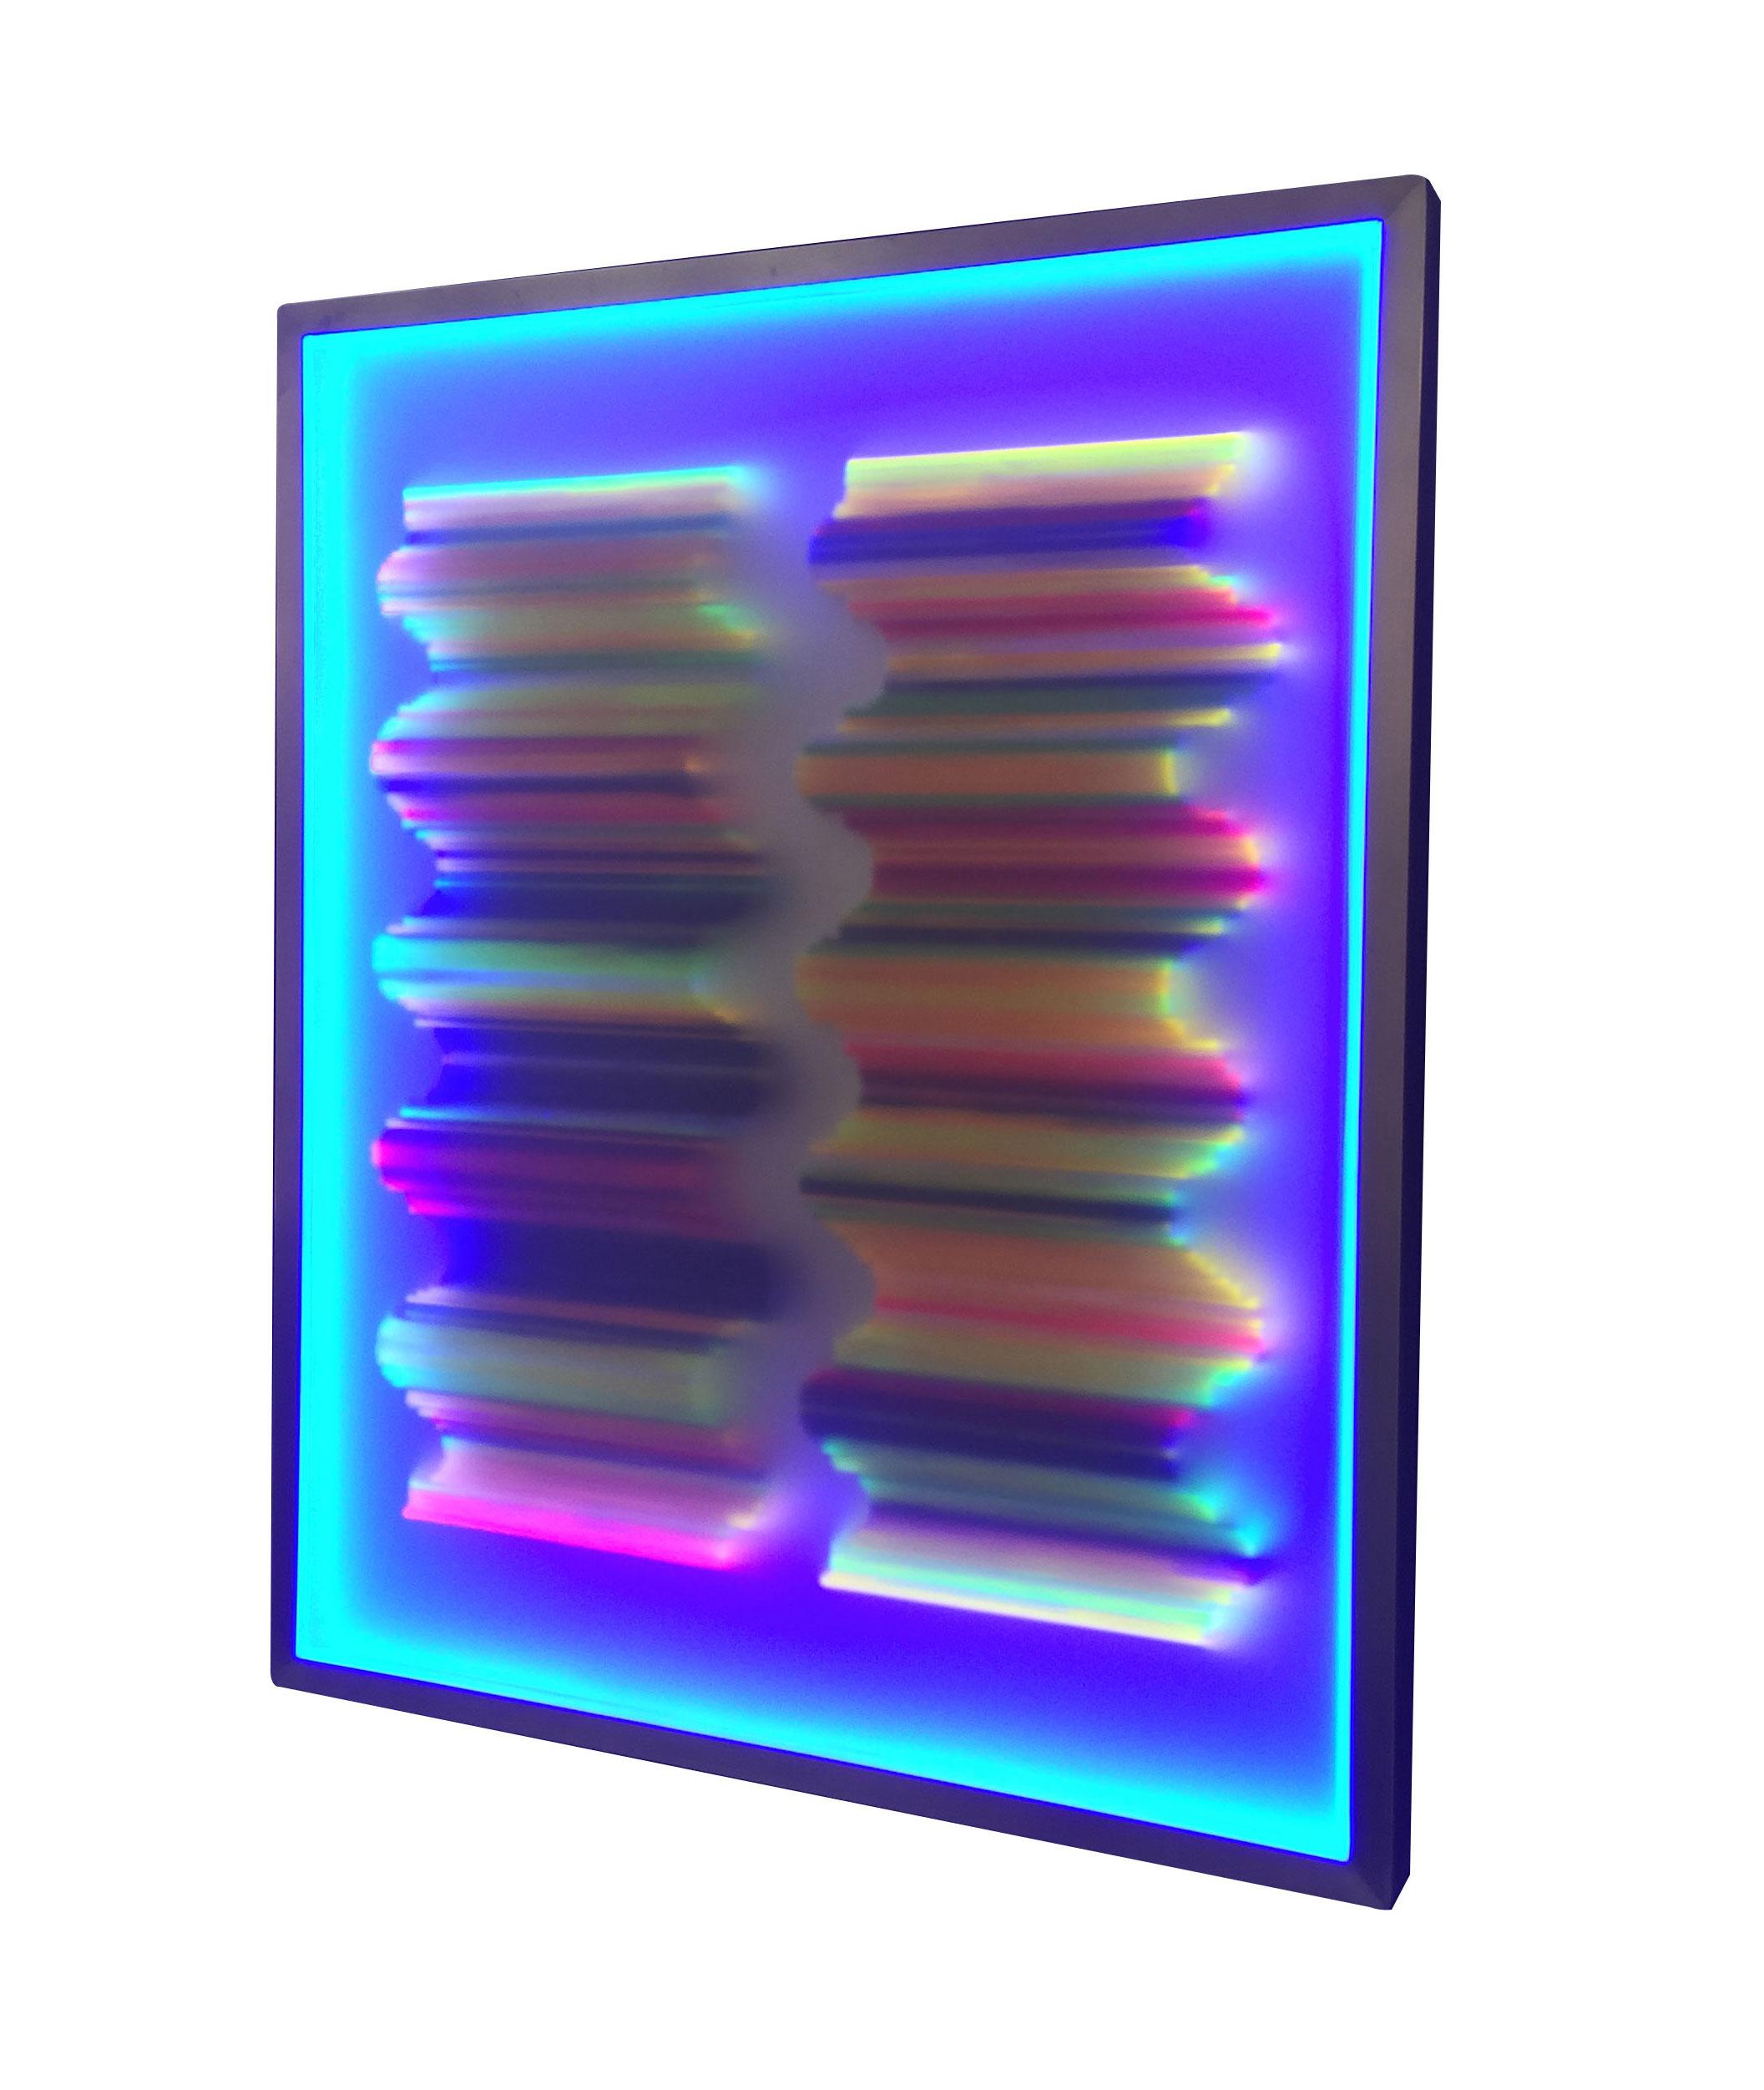 Tamar Klar, Lichtobjekt, Lichtwelle, 2016